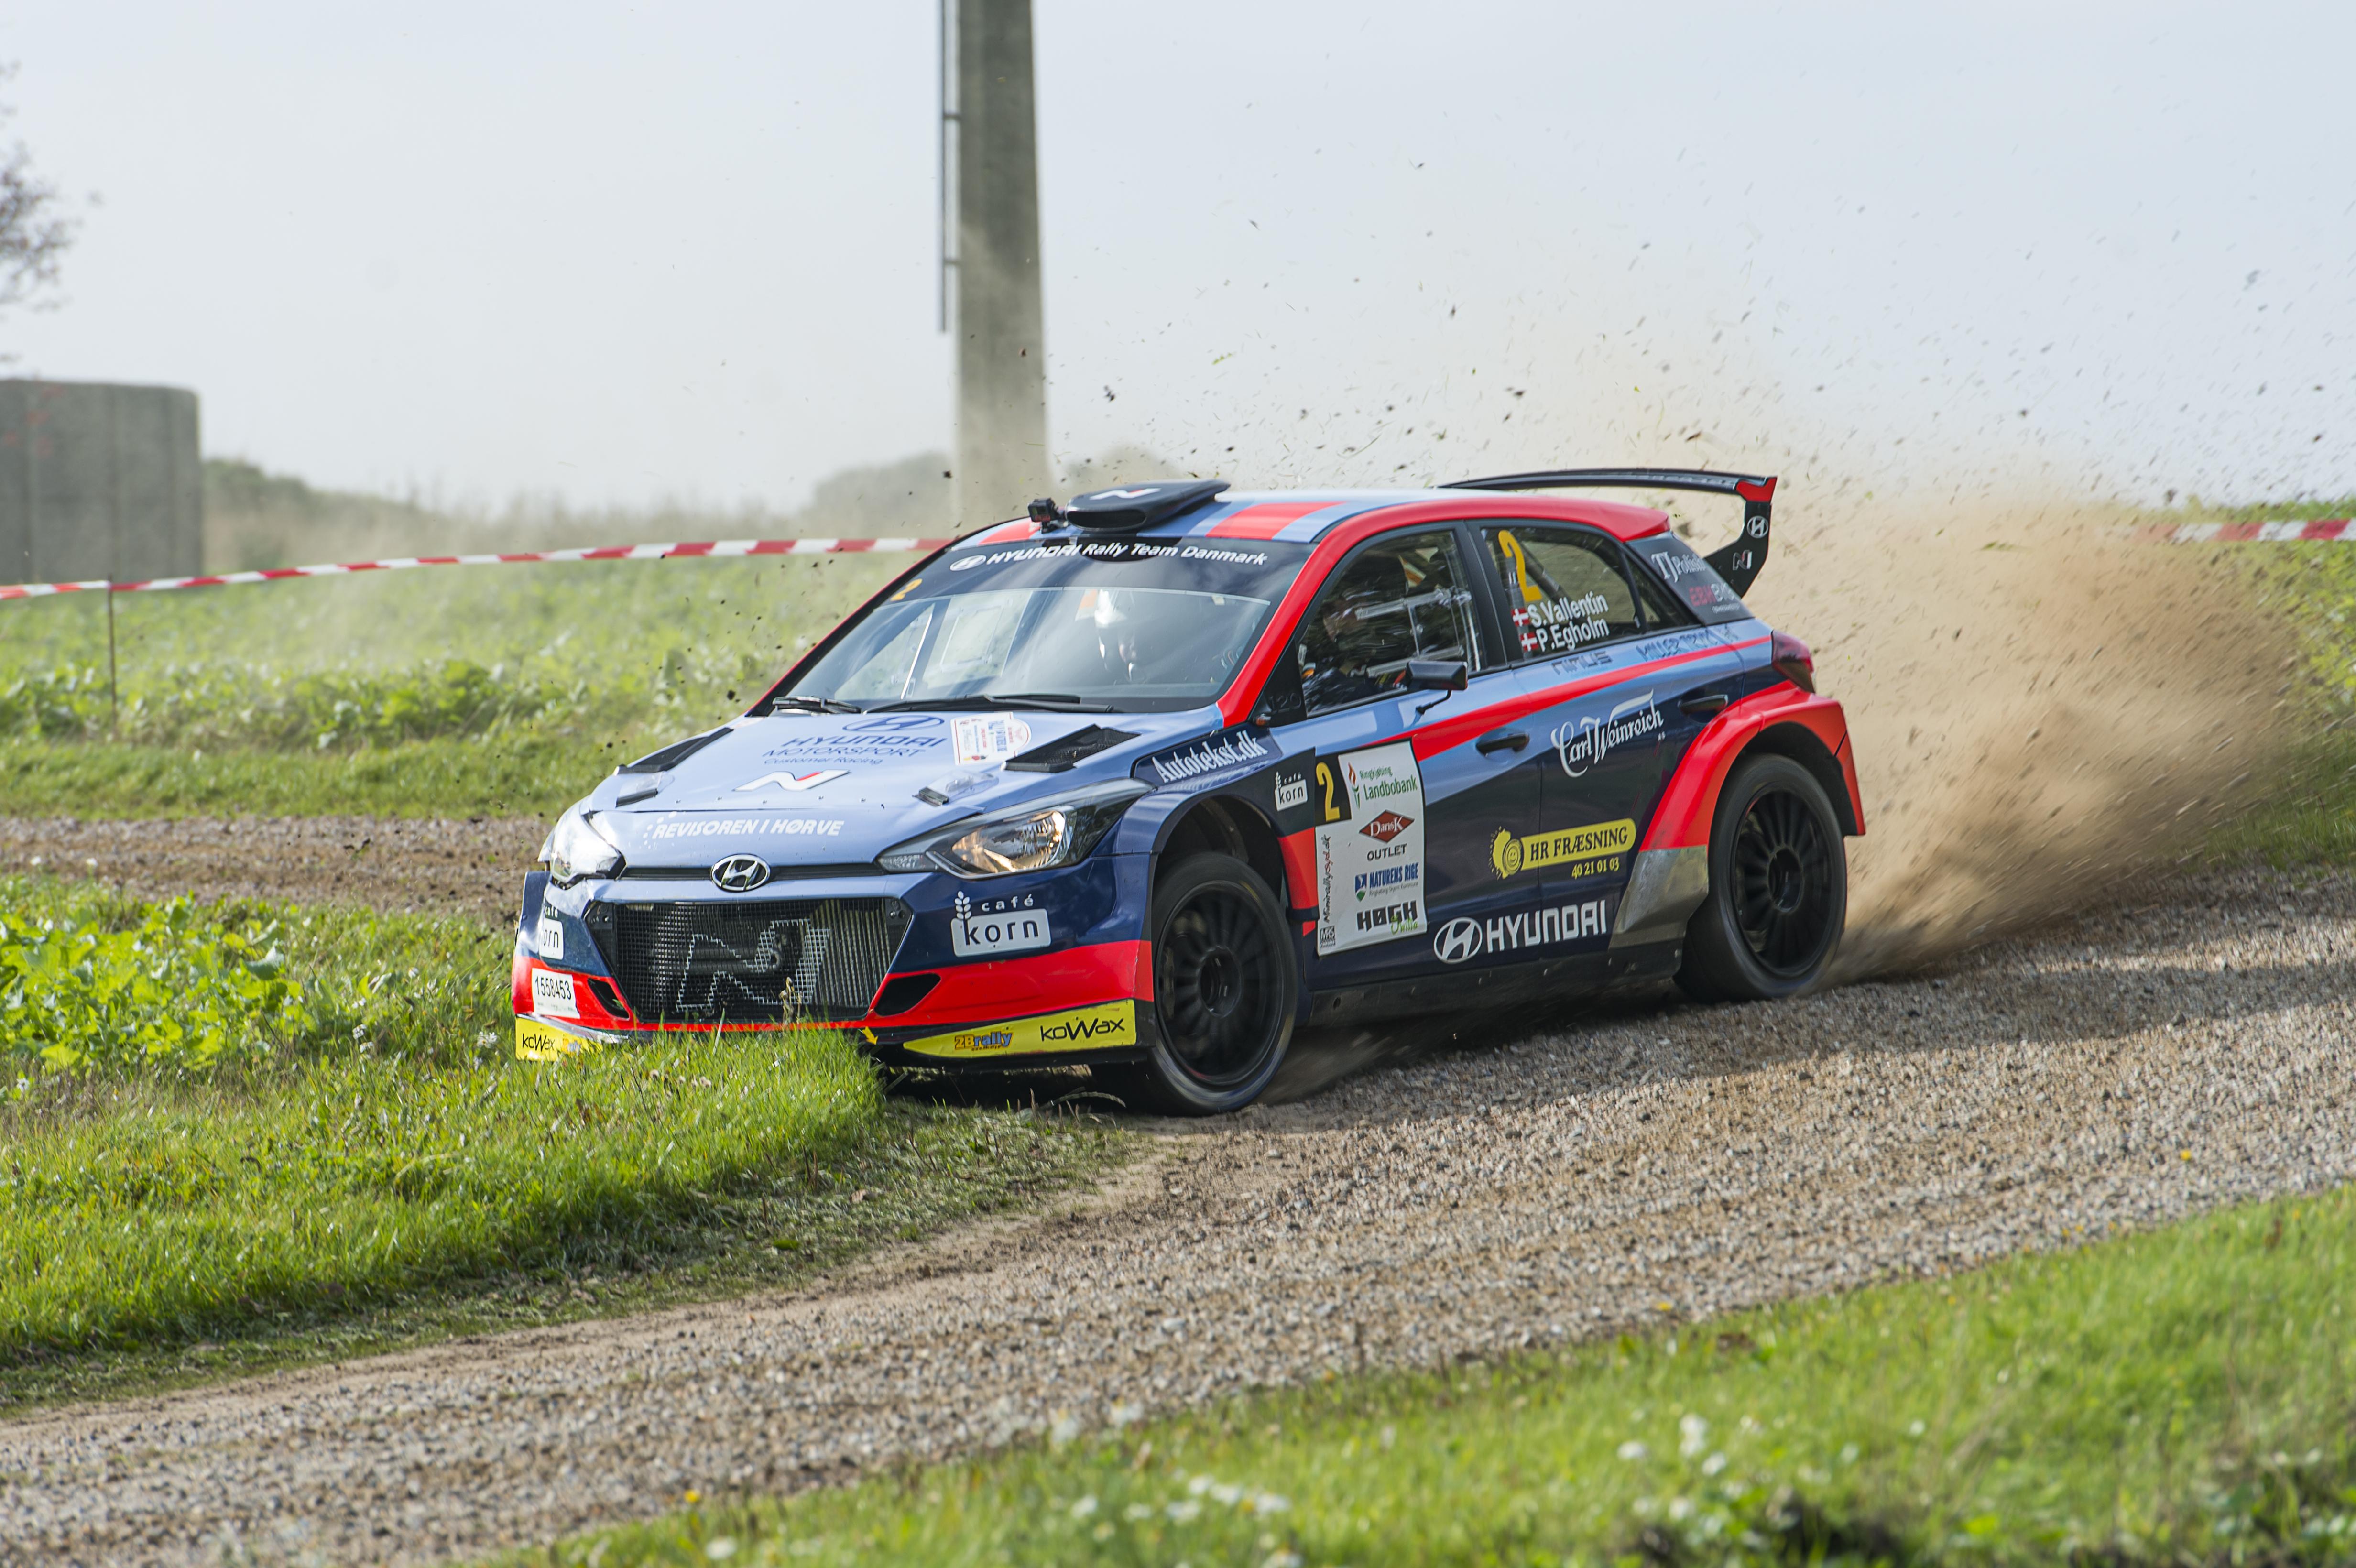 Simon Vallentin Hansen - Rally Nuturens Rige